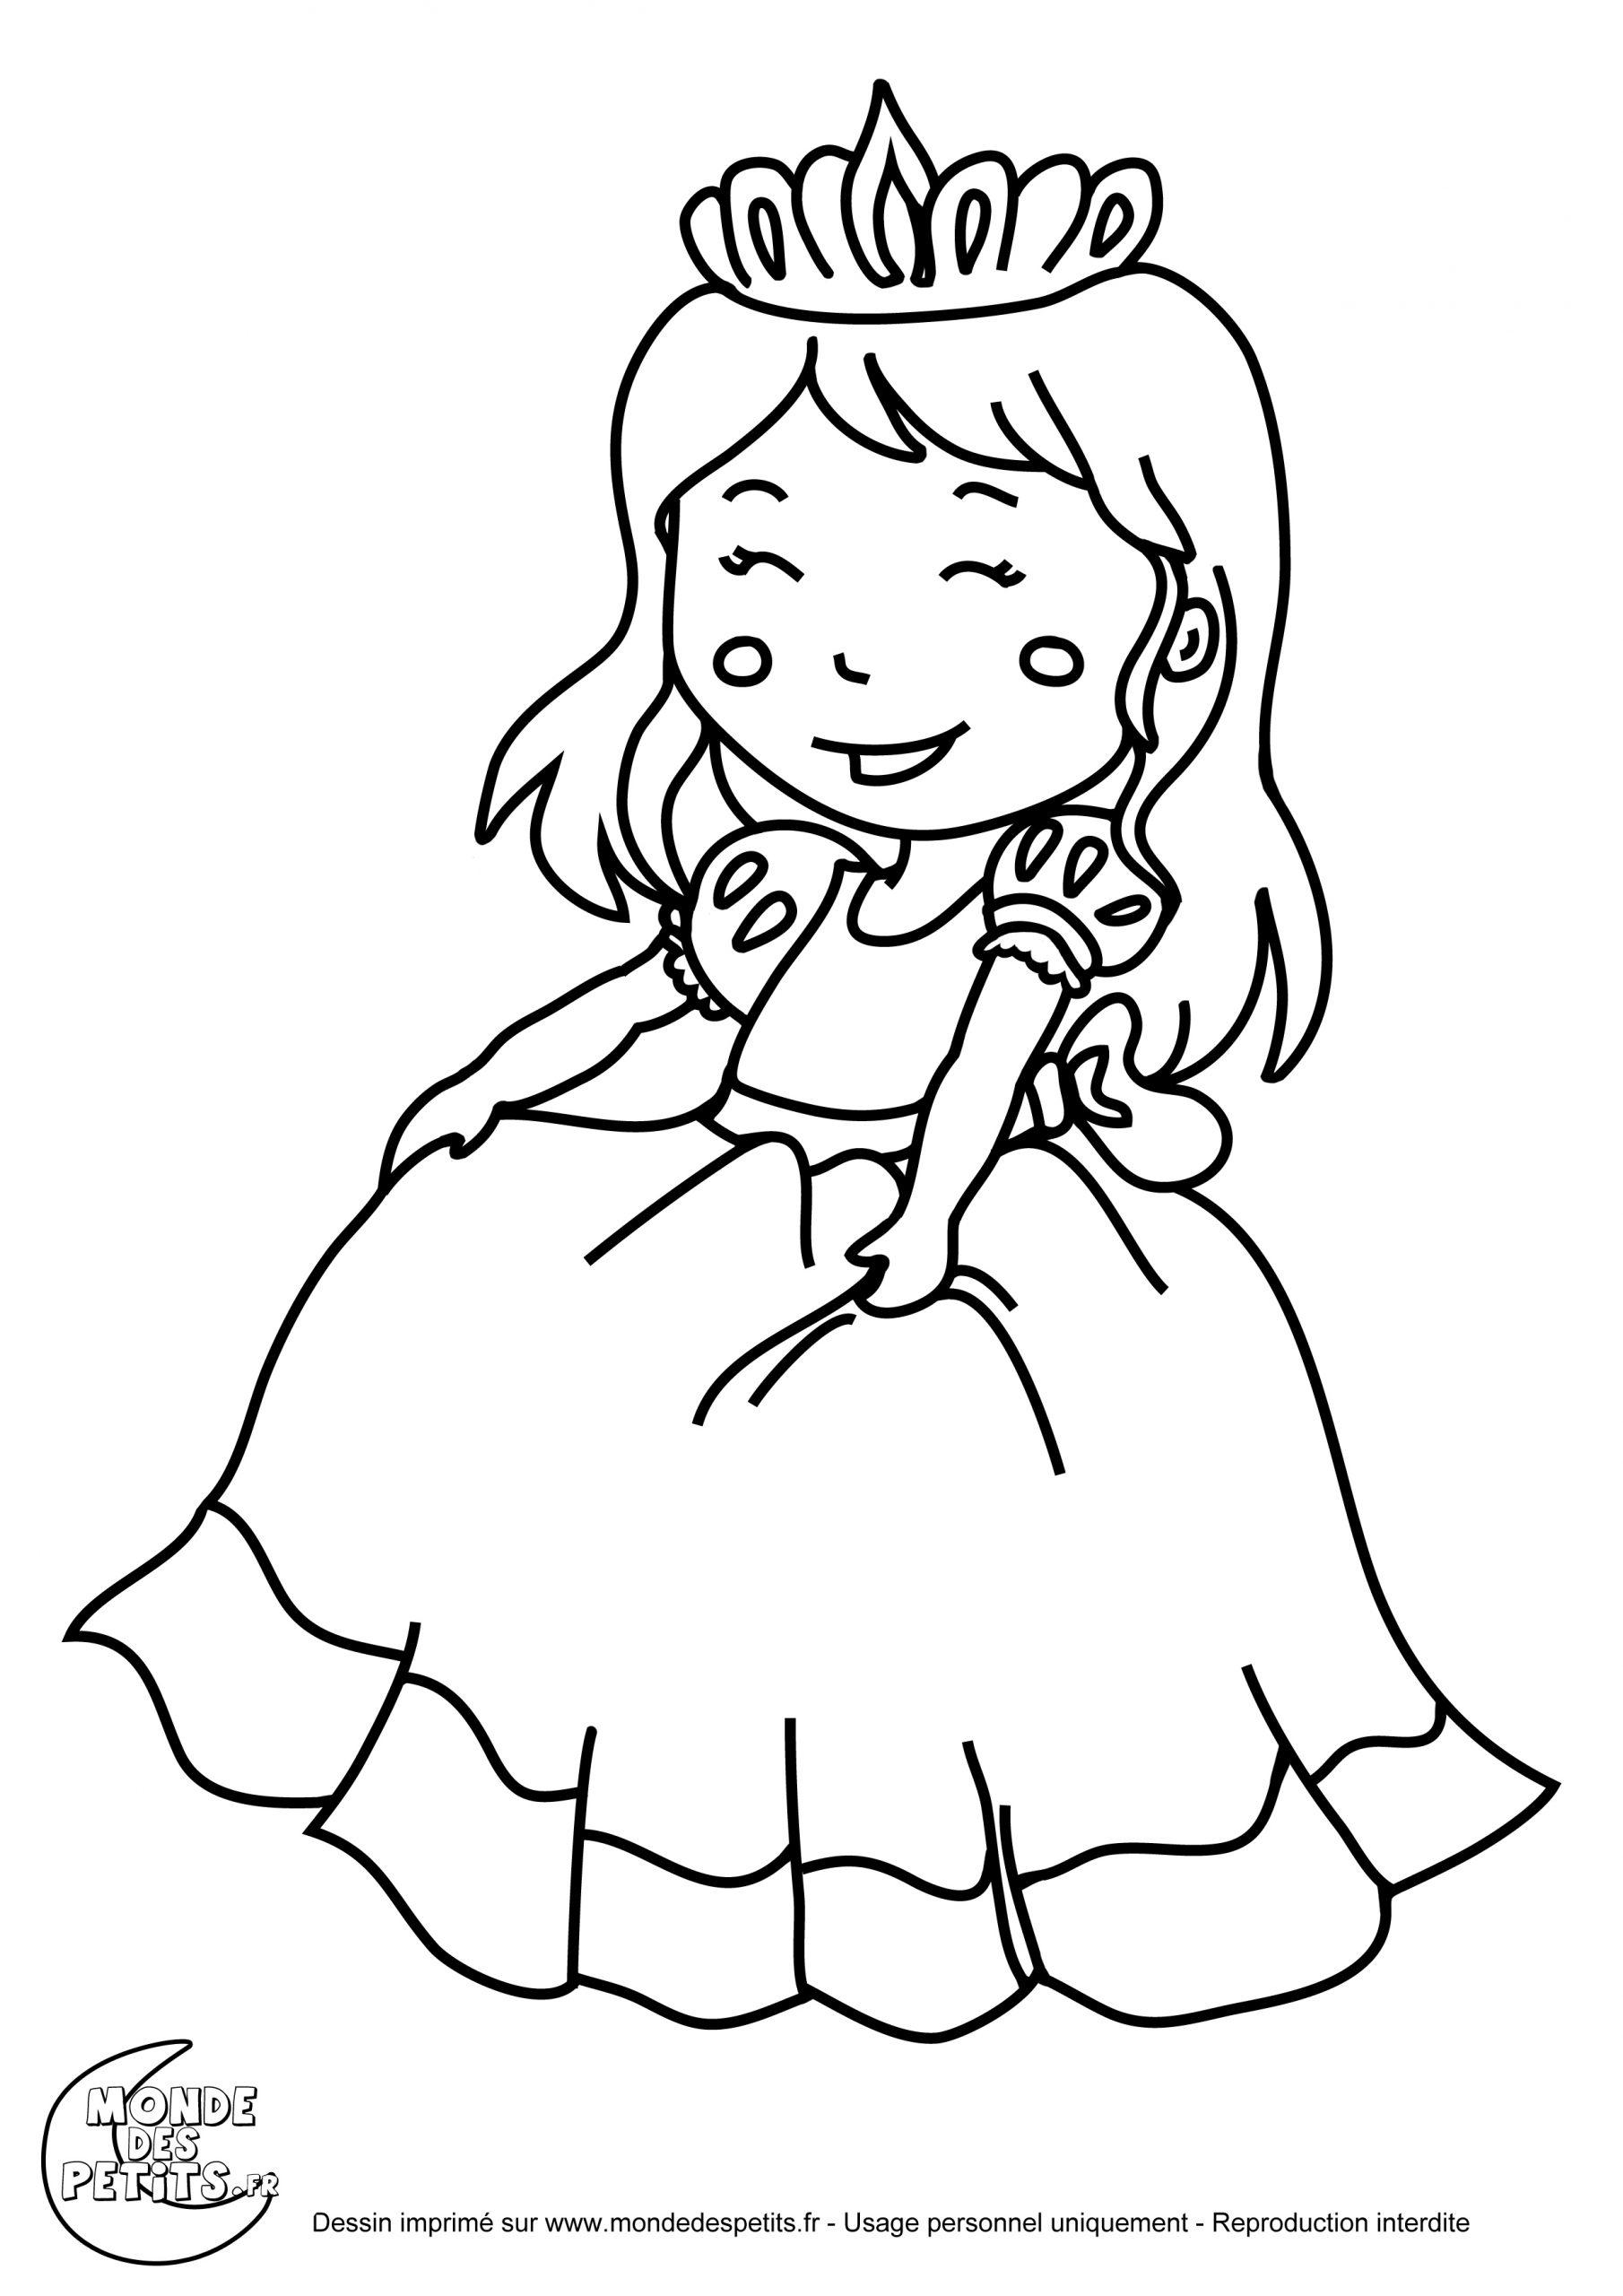 Dessins Gratuits À Colorier - Coloriage Princesse À Imprimer tout Princesse À Colorier Gratuit